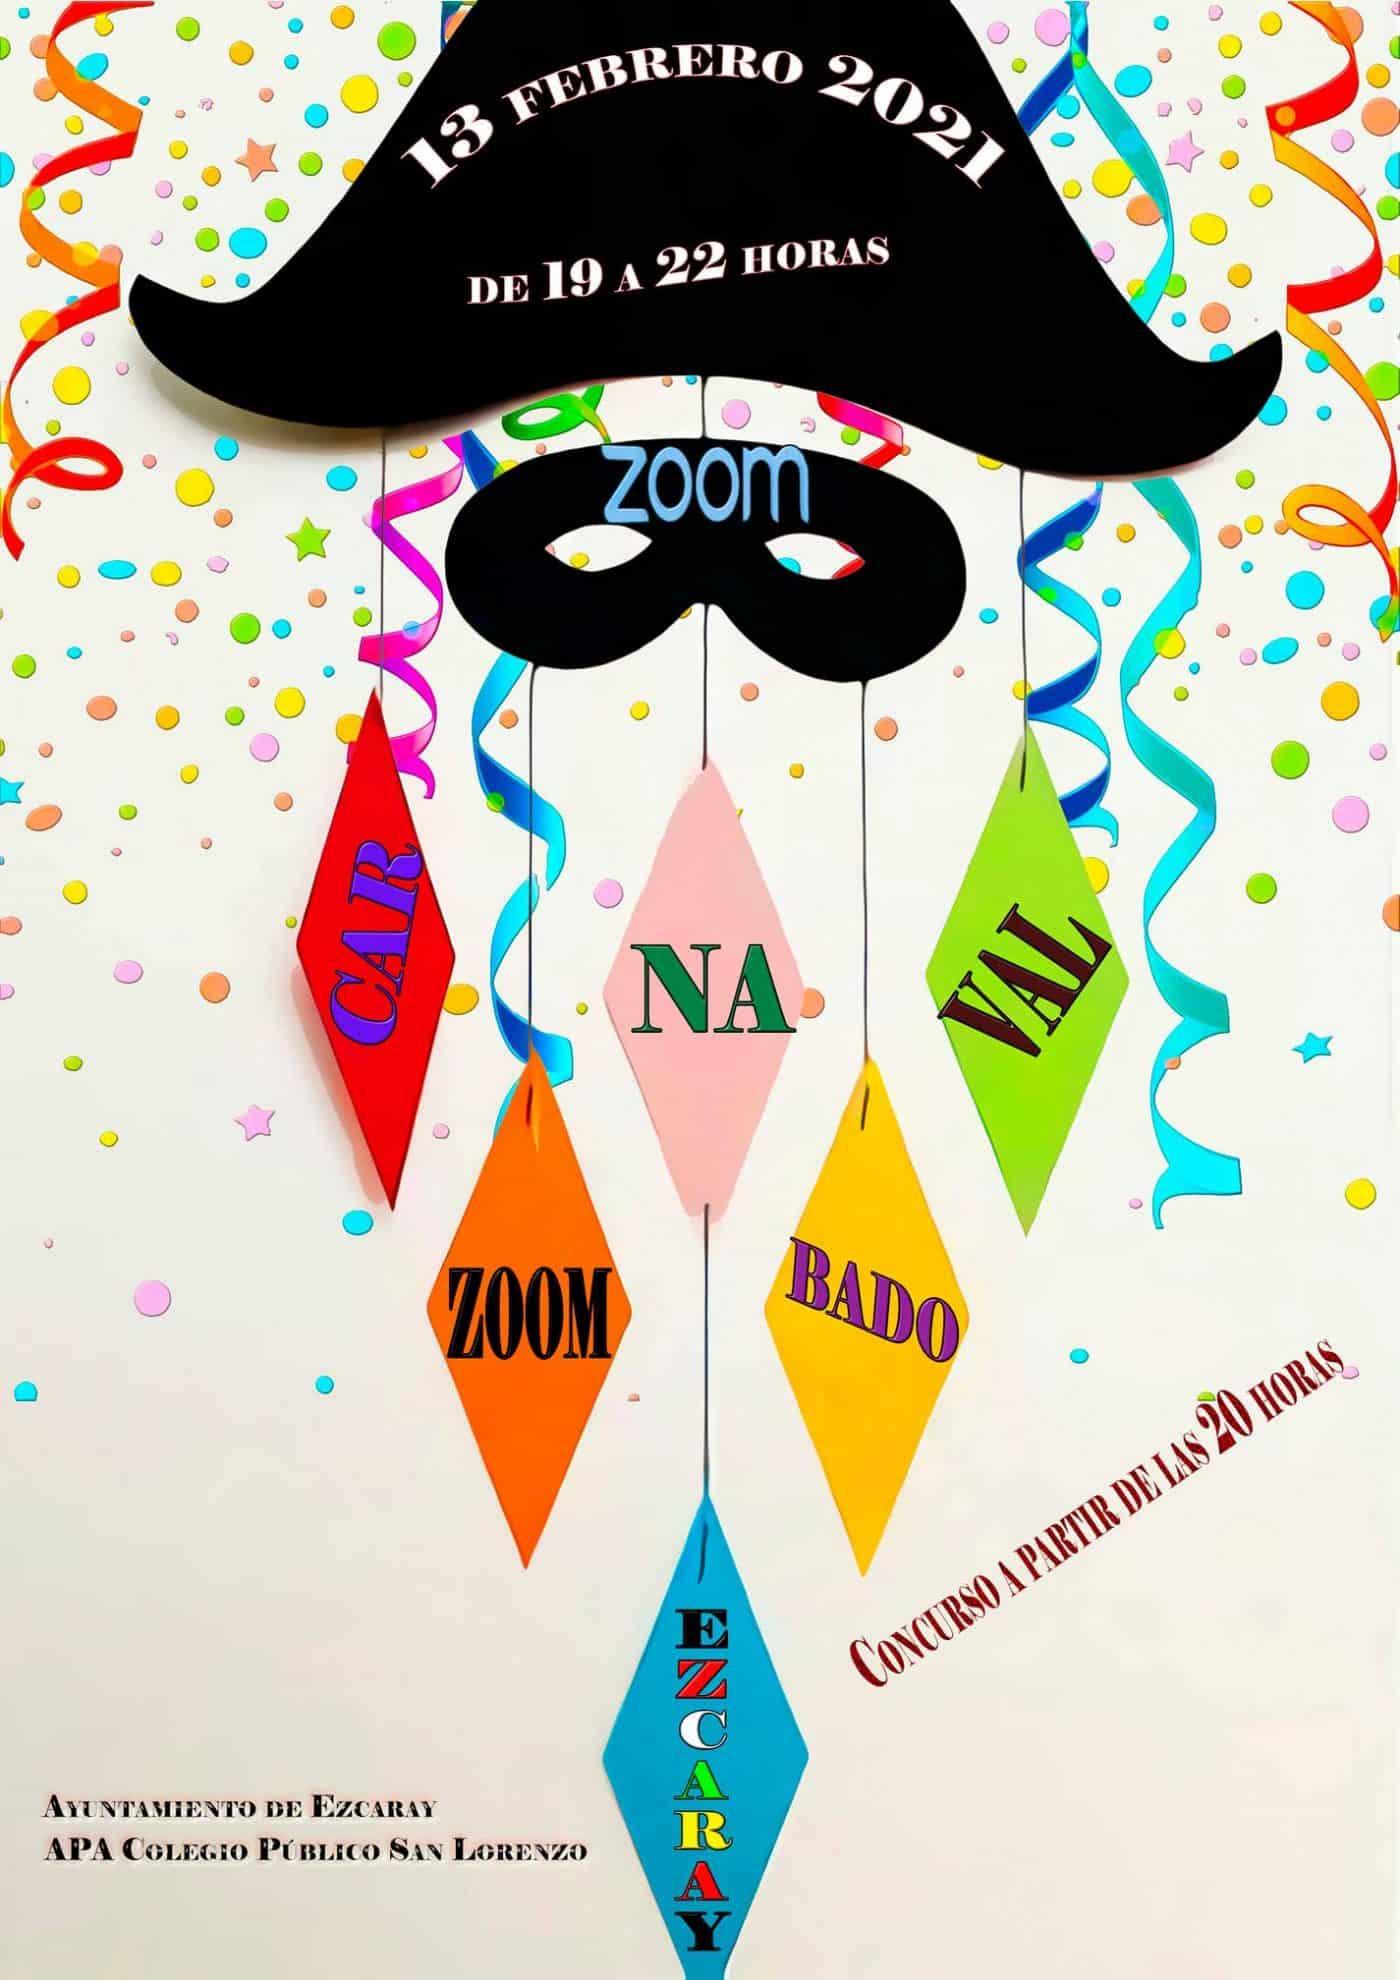 Ezcaray celebra este viernes un concurso de disfraces de Carnaval 'online' 1